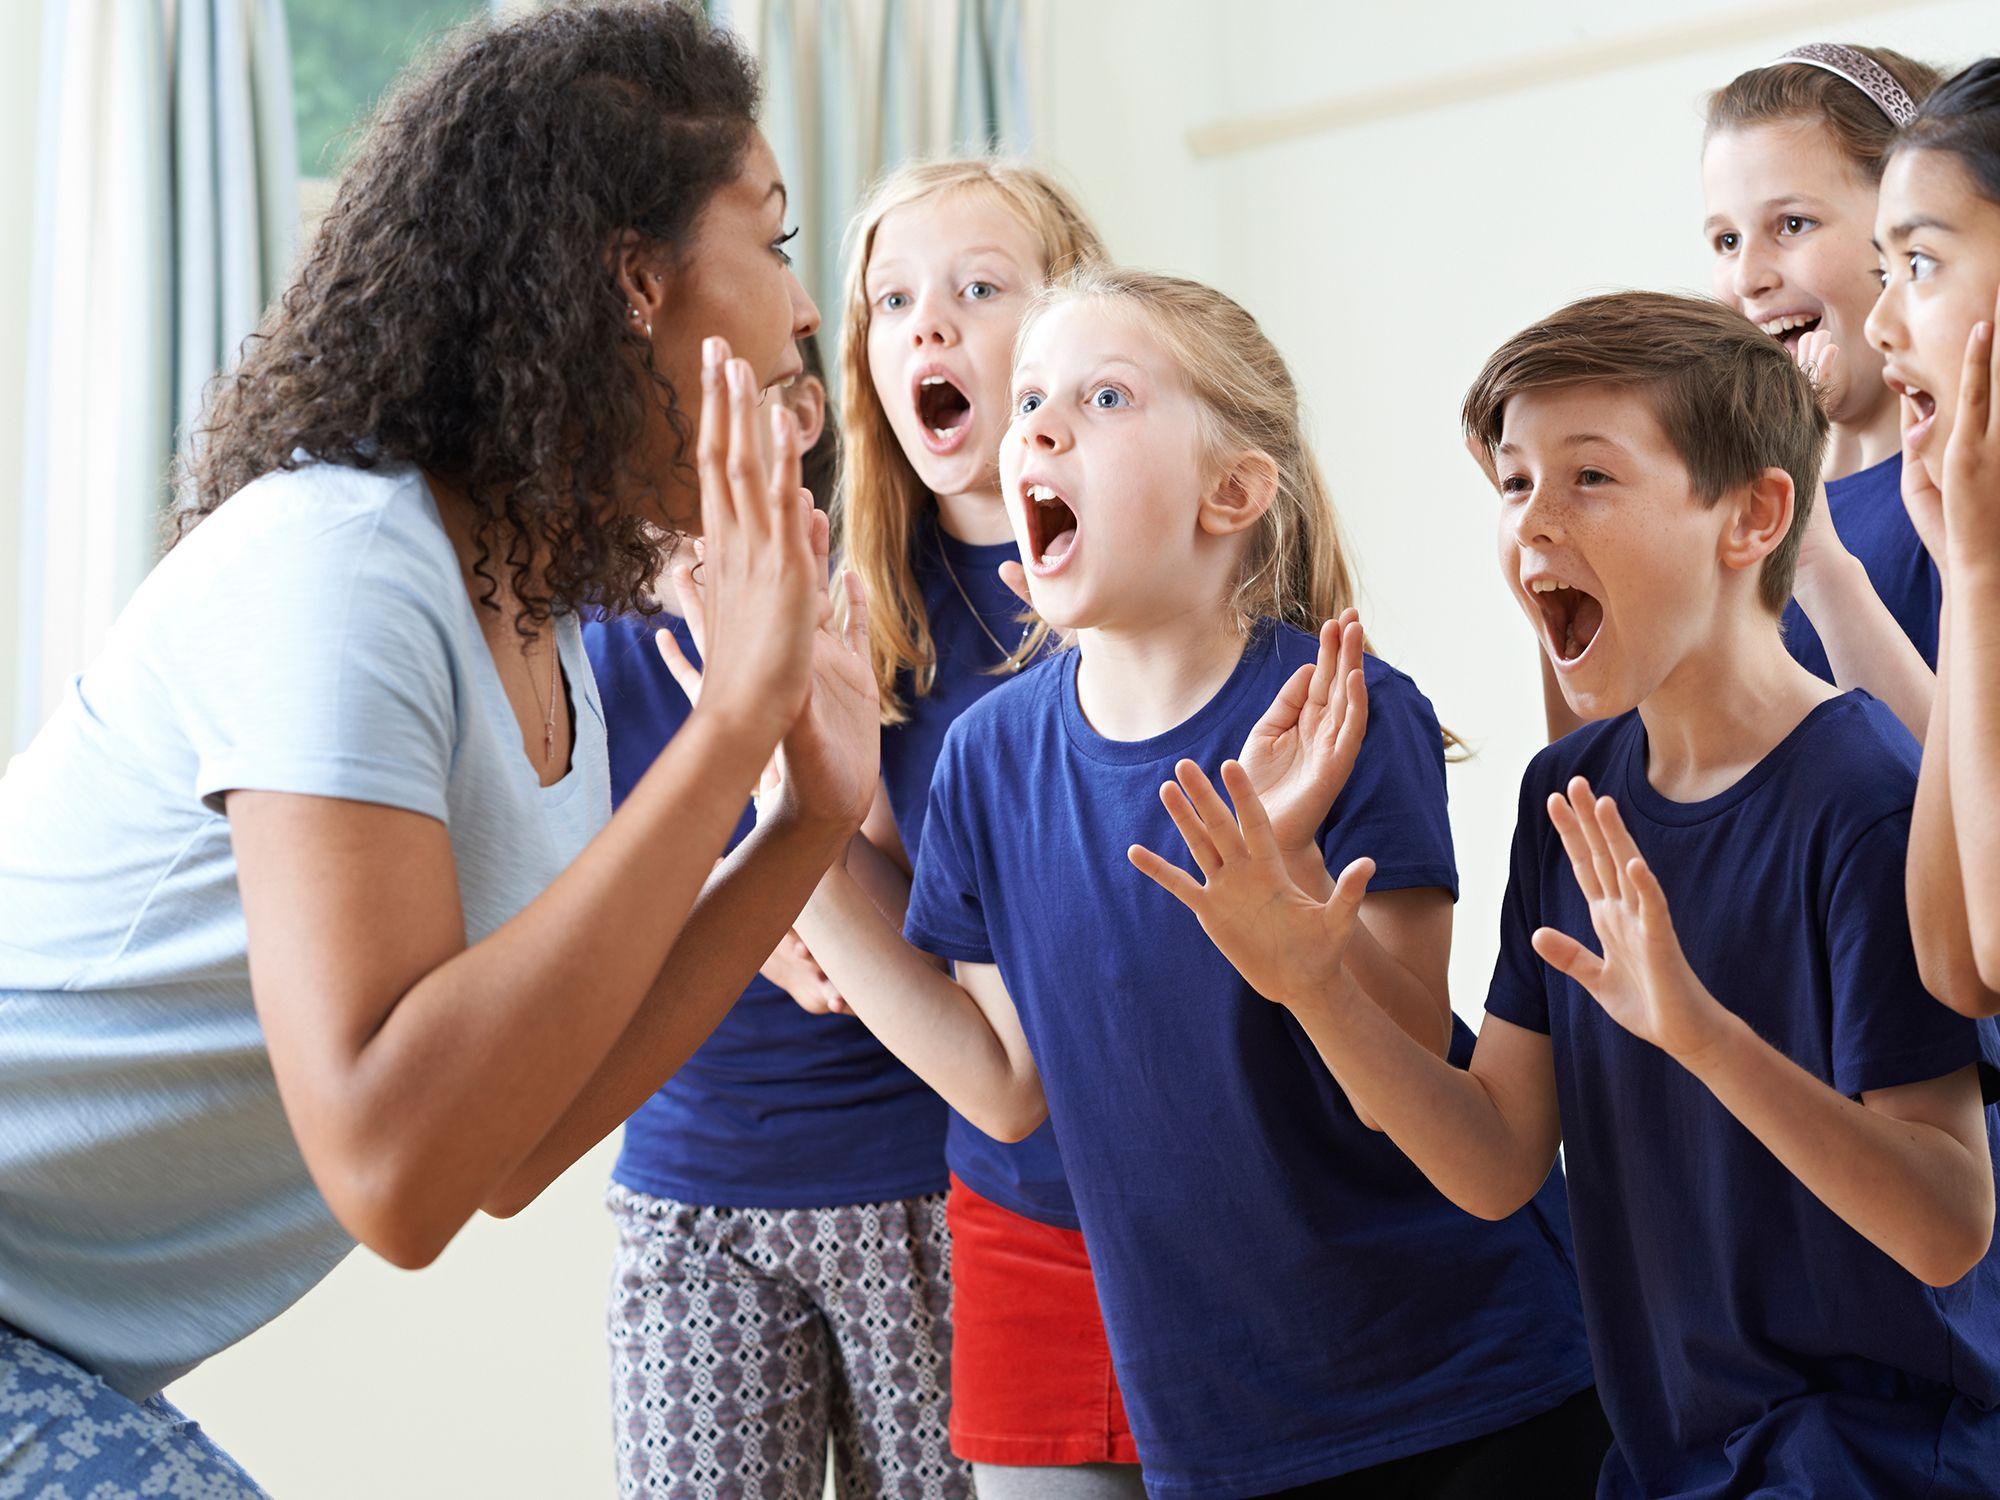 Level 3 - Kinderanimateure, Kinderbetreuer, Betreuungs-Hilfen, Kinder-Unterhalter, Hotelanimateure, Kinderanimation-Personal, Leiharbeiter, Zeitarbeiter, Leiharbeitnehmer, Leihkraft, Temporärarbeiter für Promotion-Aktionen, Marketing-Aktionen, Kinderschminken, Kinderparty, Kinderbetreuung, Promotion-Veranstaltungen, Promotion-Events und Promotion-Kampagnen bei uns als Promotionagentur, Personalagentur, Zeitarbeitsfirma, Zeitarbeitsunternehmen, Personal-Service-Agentur, Personaldienstleistungsagentur und Leiharbeitsfirma per Arbeitnehmer-Leasing, Arbeitnehmerüberlassung, Arbeitskräfte-Leasing, Arbeitskräfteüberlassung, Arbeitskraftüberlassung, Leiharbeit, Mitarbeiter-Leasing, Mitarbeiterleasing, Mitarbeiterüberlassung, Personaldienstleistung, Personalleasing, Personalüberlassung, Temporärarbeit, Zeitarbeit buchen, mieten, leihen oder langfristig neue Mitarbeiter für Jobs wie Promotionjobs, Schülerjobs, Ferienjobs, Aushilfsjobs, Studentenjobs, Werkstudentenjobs, Saisonjobs, Vollzeit Jobs, Teilzeit Jobs, Nebenjobs, Temporär Jobs, Gelegenheitsjobs per Personalvermittlung suchen, finden und vermittelt bekommen.